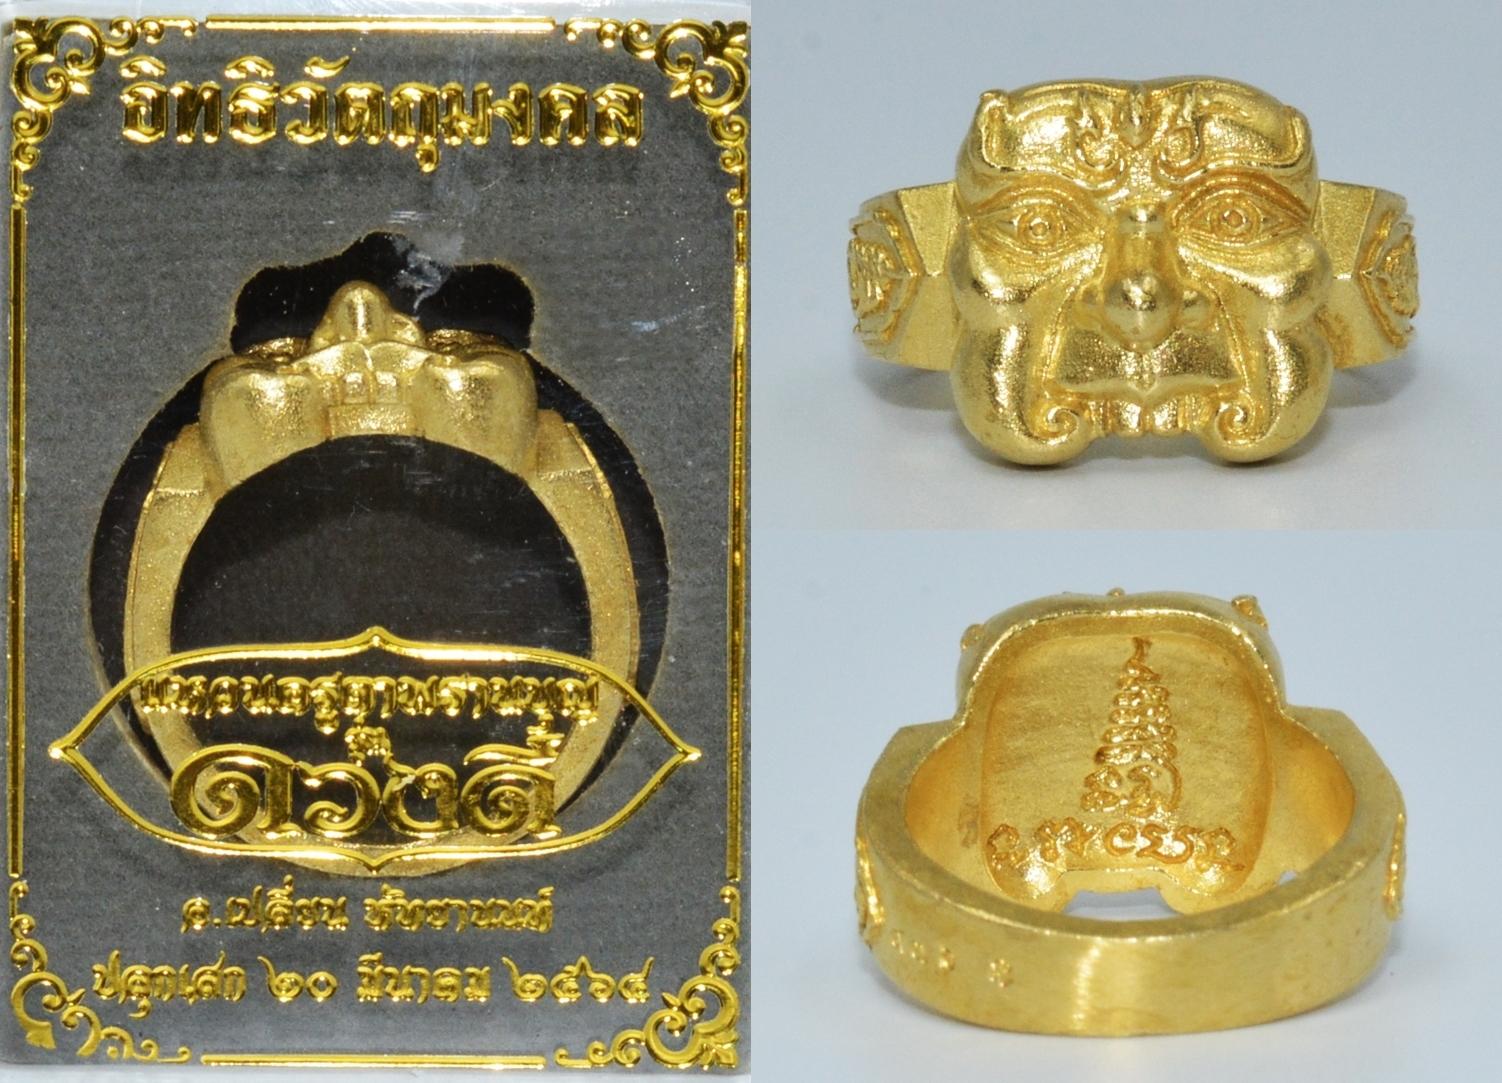 แหวนครูตาพรานบุญ เนื้อทองทิพย์ รุ่นดวงดี อาจารย์เปลี่ยน หัทยานนท์ 2564